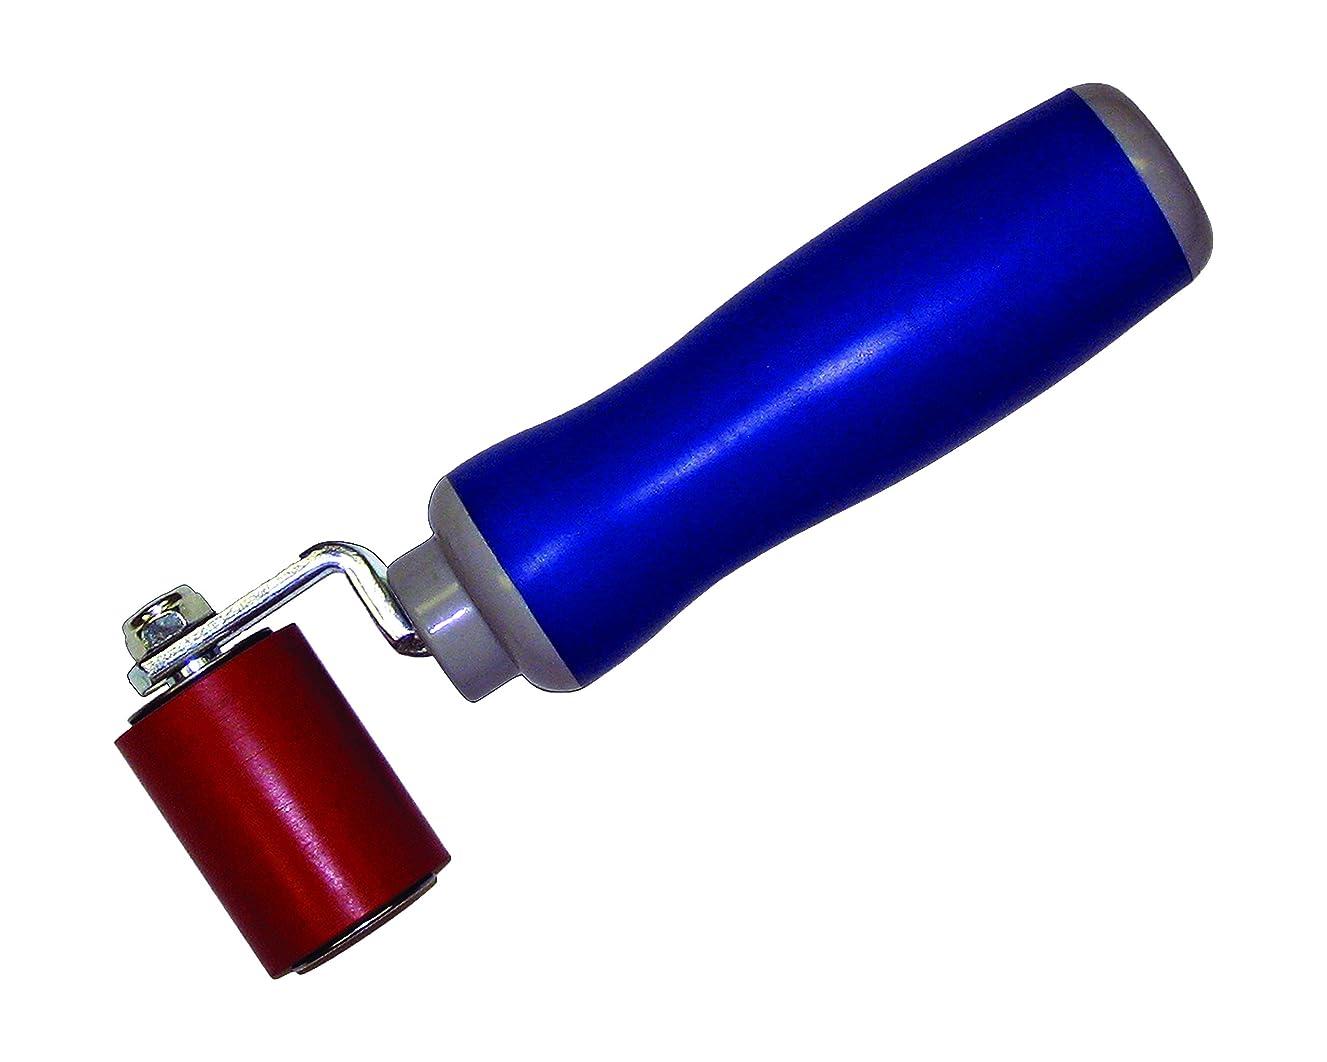 MR05028 EVERHARD Silicone Seam Roller 5